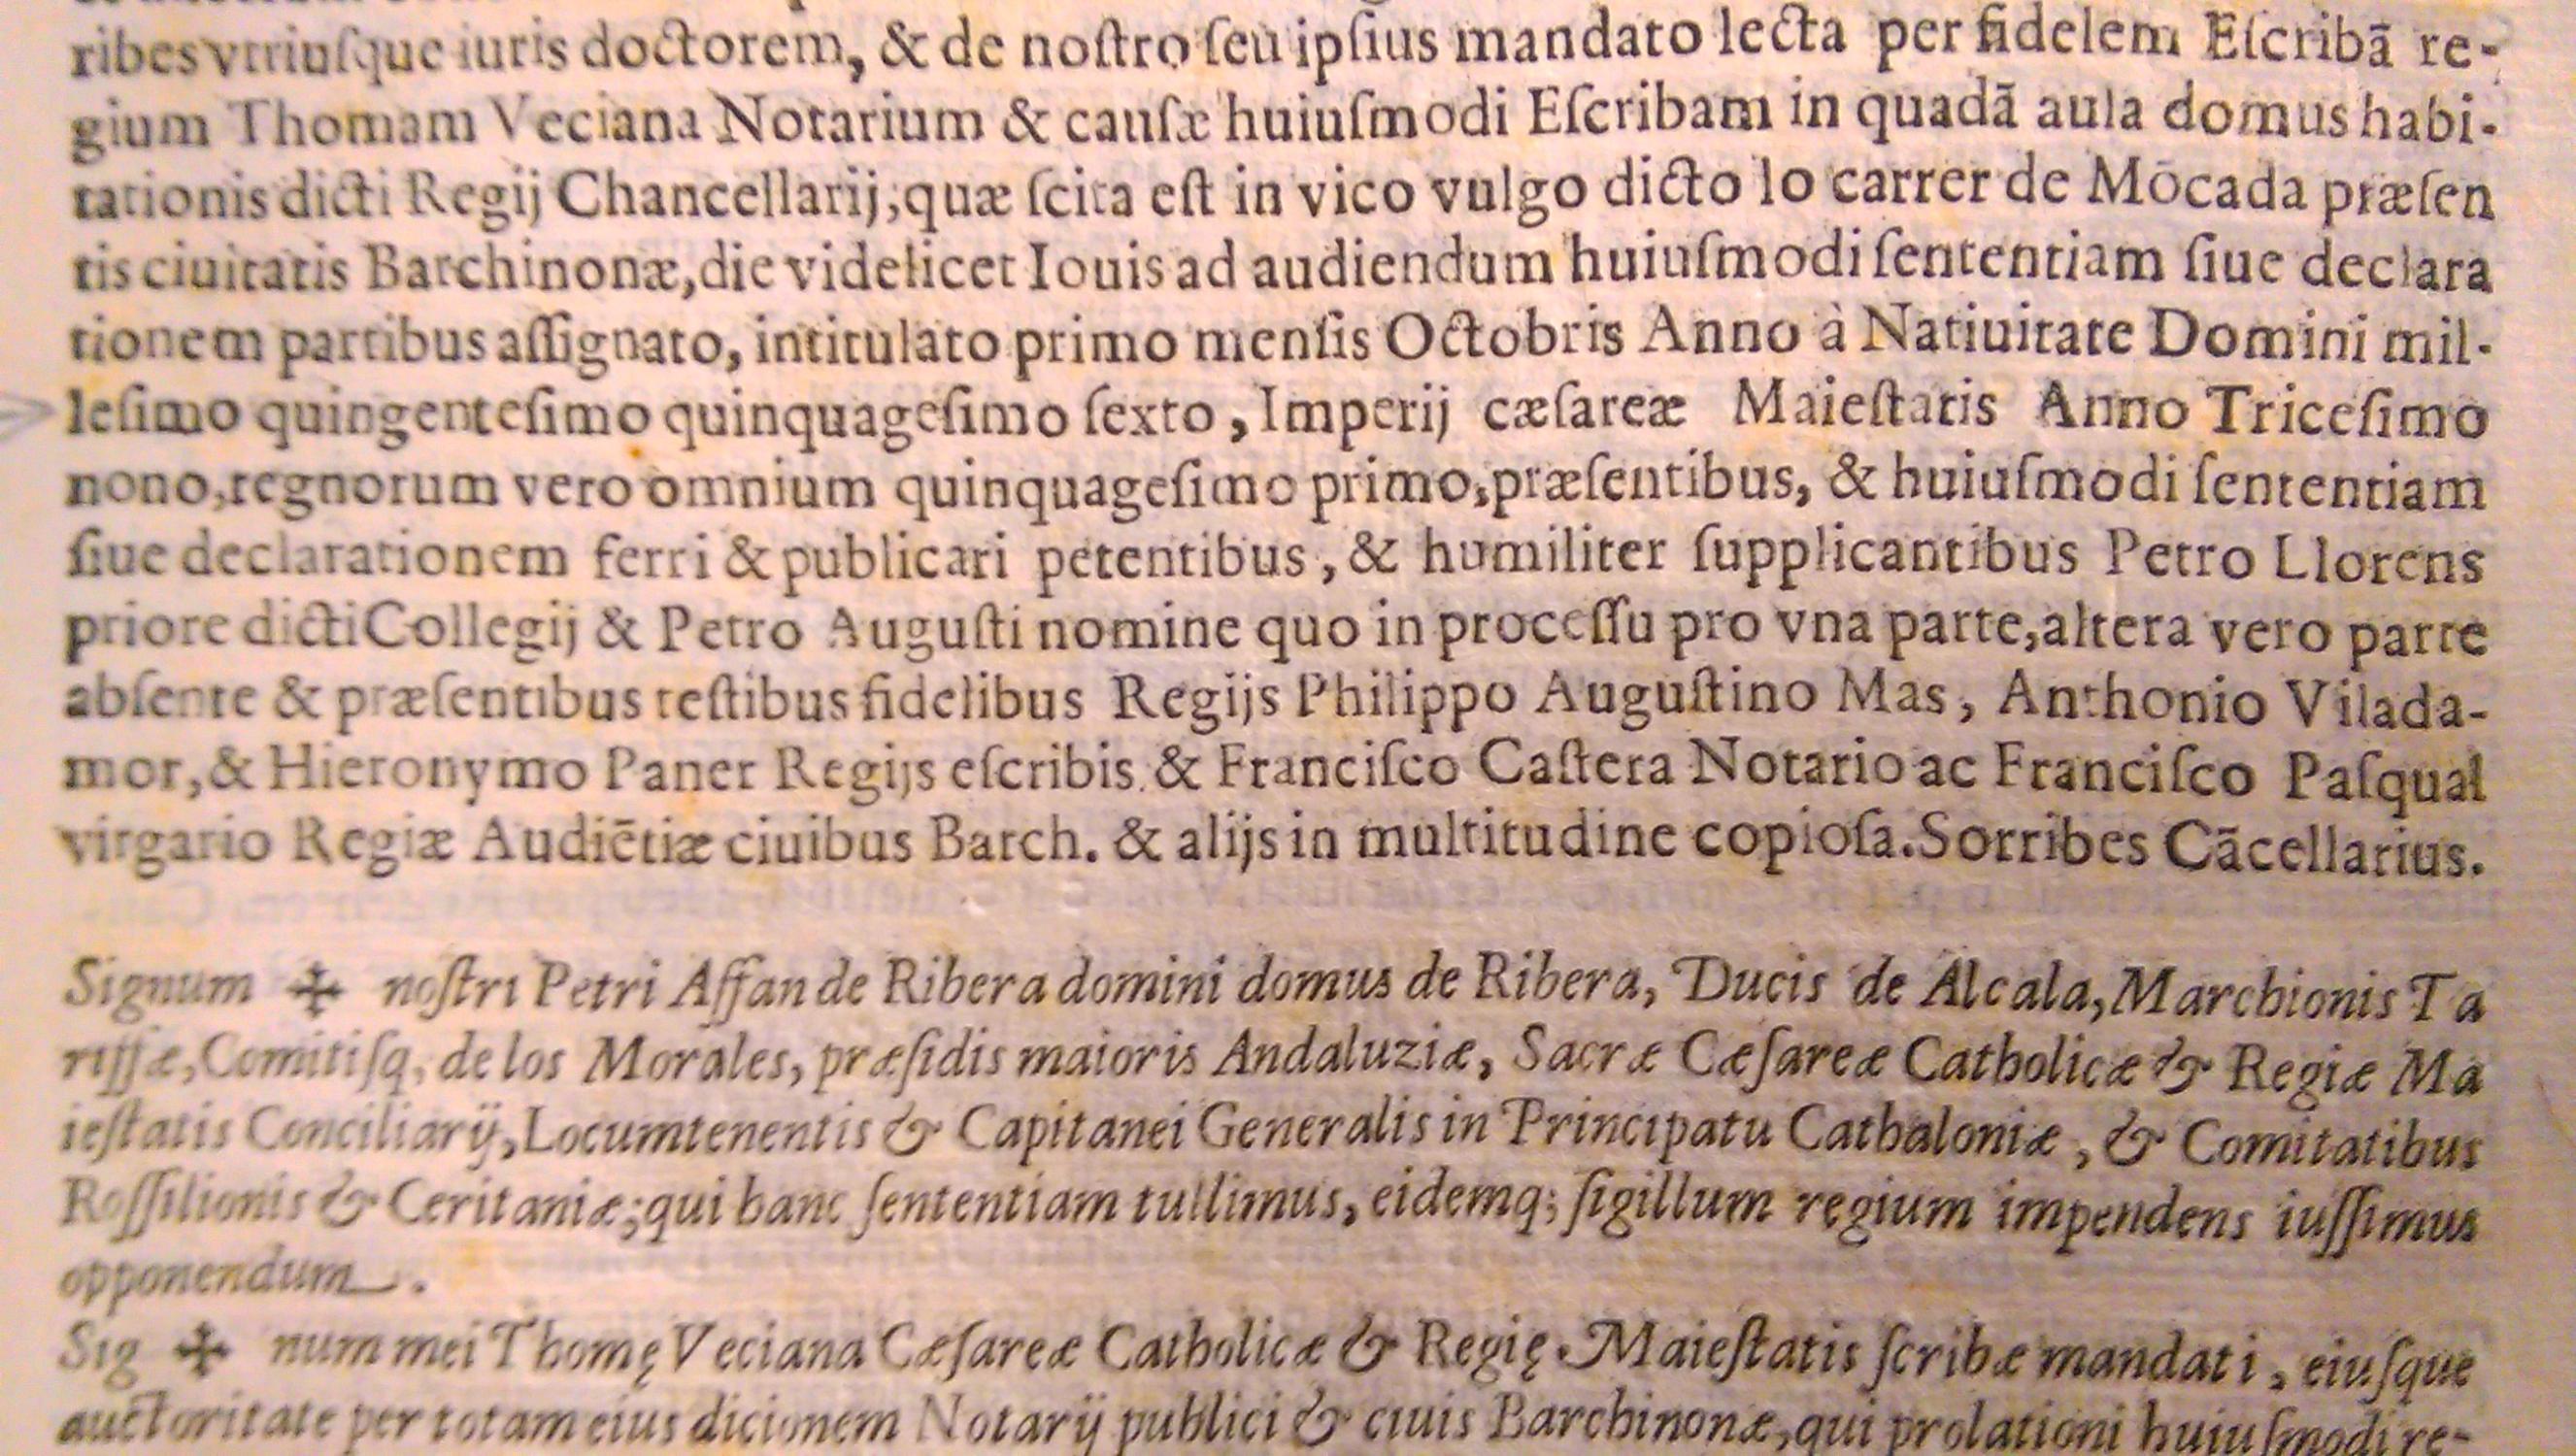 Colegio notarios de barcelona trendy correcto colegio - Notarios en barcelona ...